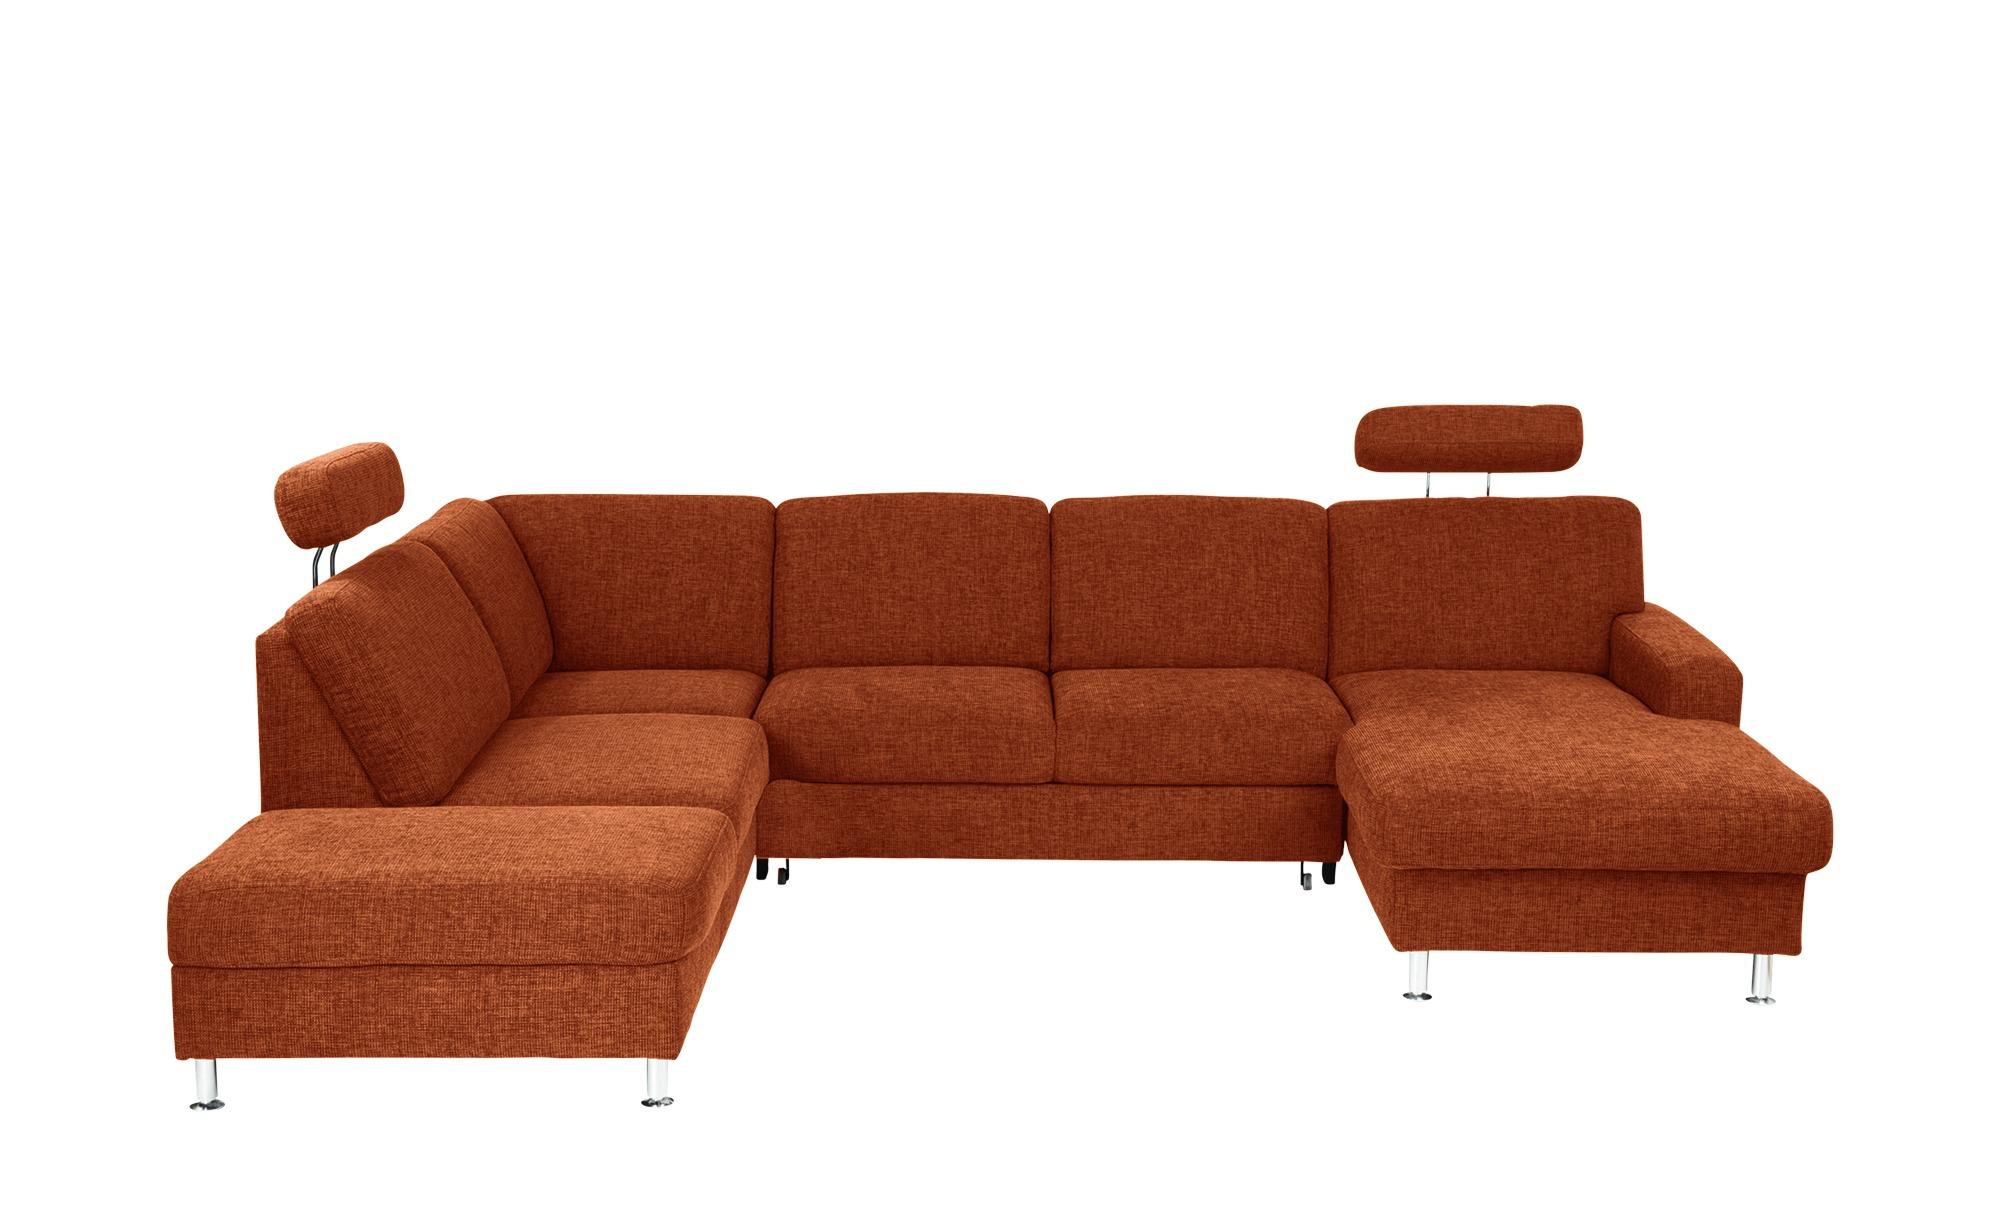 meinSofa Wohnlandschaft  Jana ¦ orange ¦ Maße (cm): H: 85 Polstermöbel > Sofas > Schlafsofas - Höffner